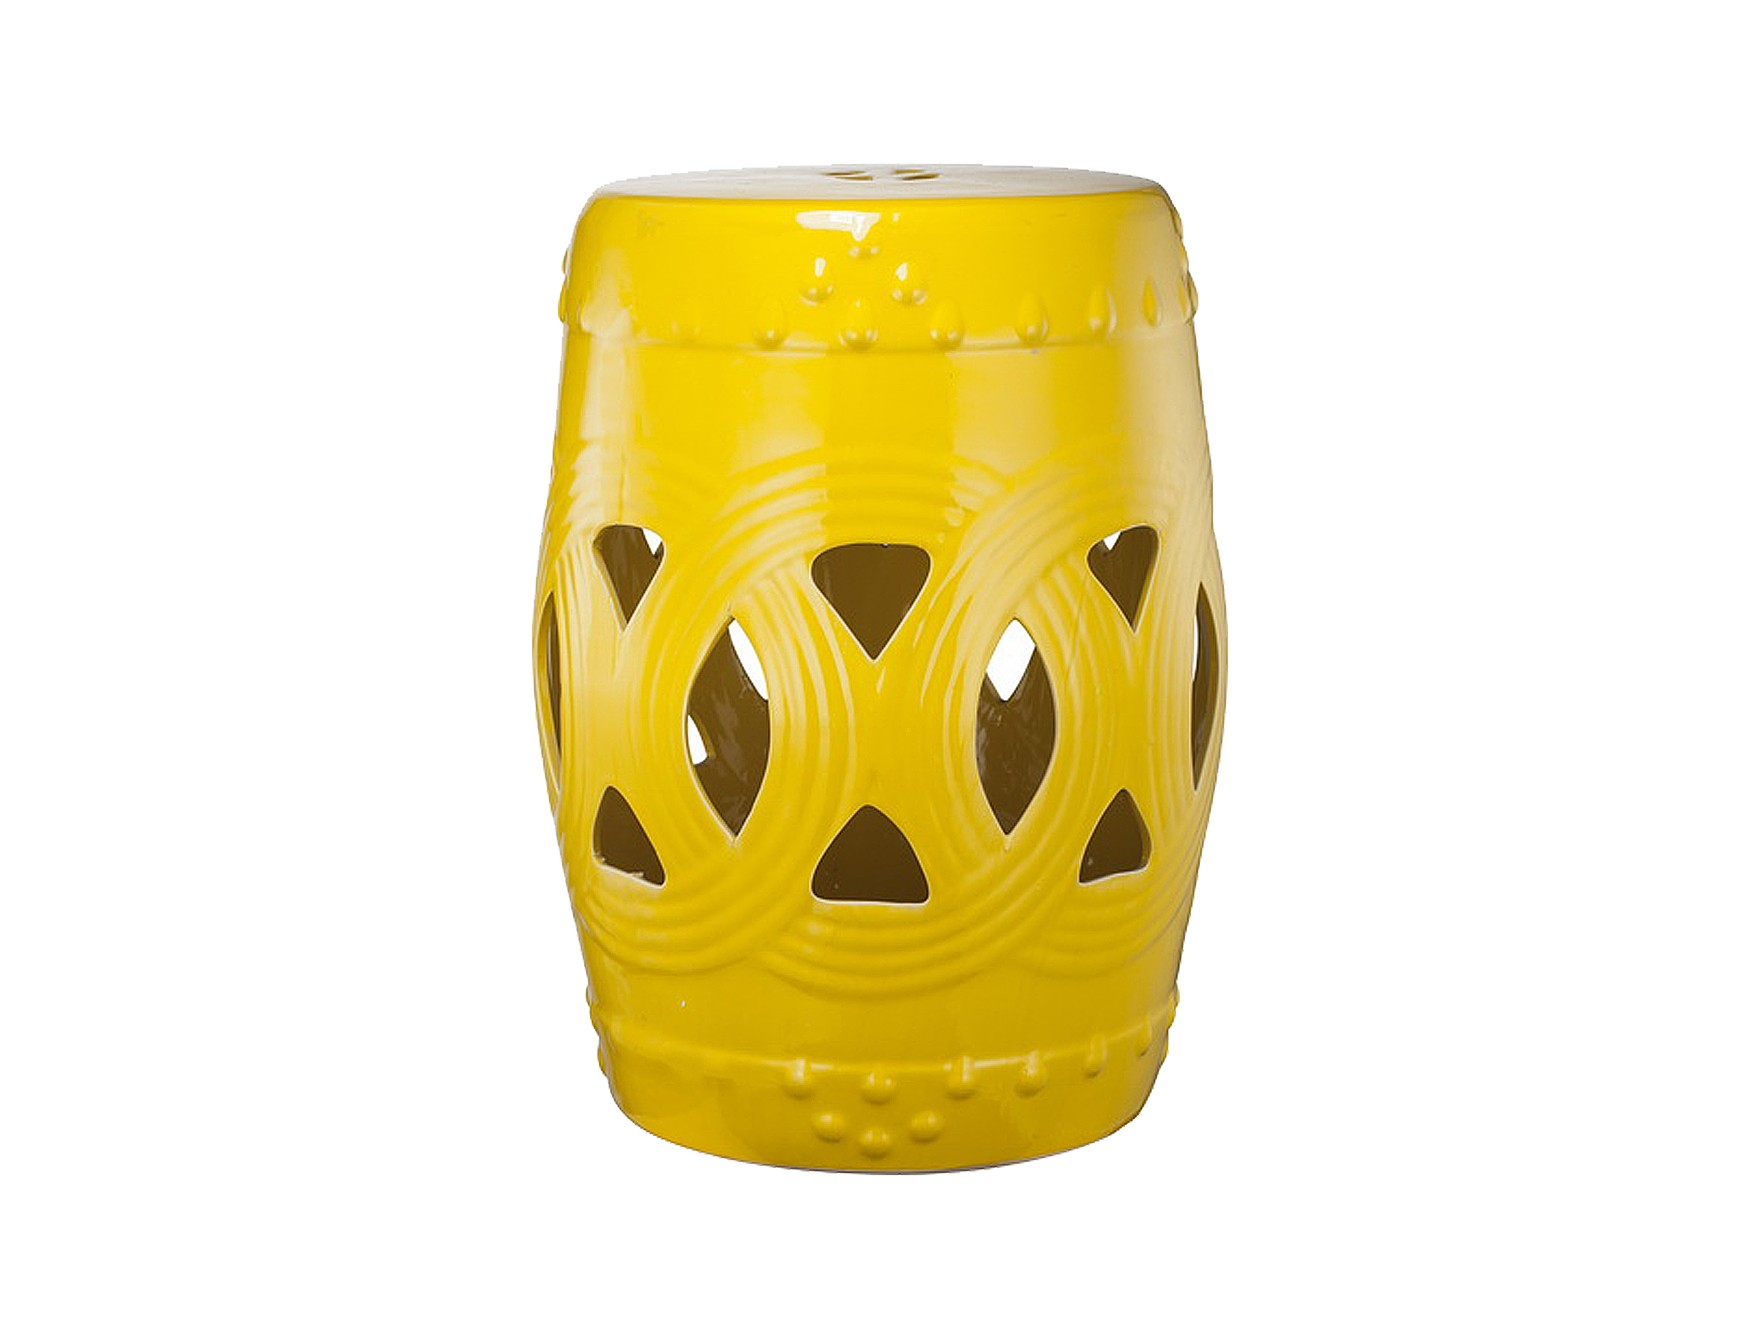 Керамический столик-табурет Fence Stool YellowТабуреты<br>Оригинальный керамический столик-табурет в форме бочонка. Ажурные прорези по поверхности визуально облегчают его внешний вид и придают изящество. Это предмет мебели, который сочетает в себе сразу две функции — его можно использовать и как стол, на который можно поставить чашку чая и положить газету, и как табурет, на который можно присесть. Все зависит только от вашего желания. Примечательно, что эта модель выполнена не из дерева, как следовало бы ожидать, а из грубой керамики, покрытой глазурью. Столик-табурет выполнен в ярком жёлтом цвете, будет удачно сочетаться с аналогичными предметами контрастных цветов.<br><br>Material: Керамика<br>Width см: None<br>Depth см: None<br>Height см: 47<br>Diameter см: 30